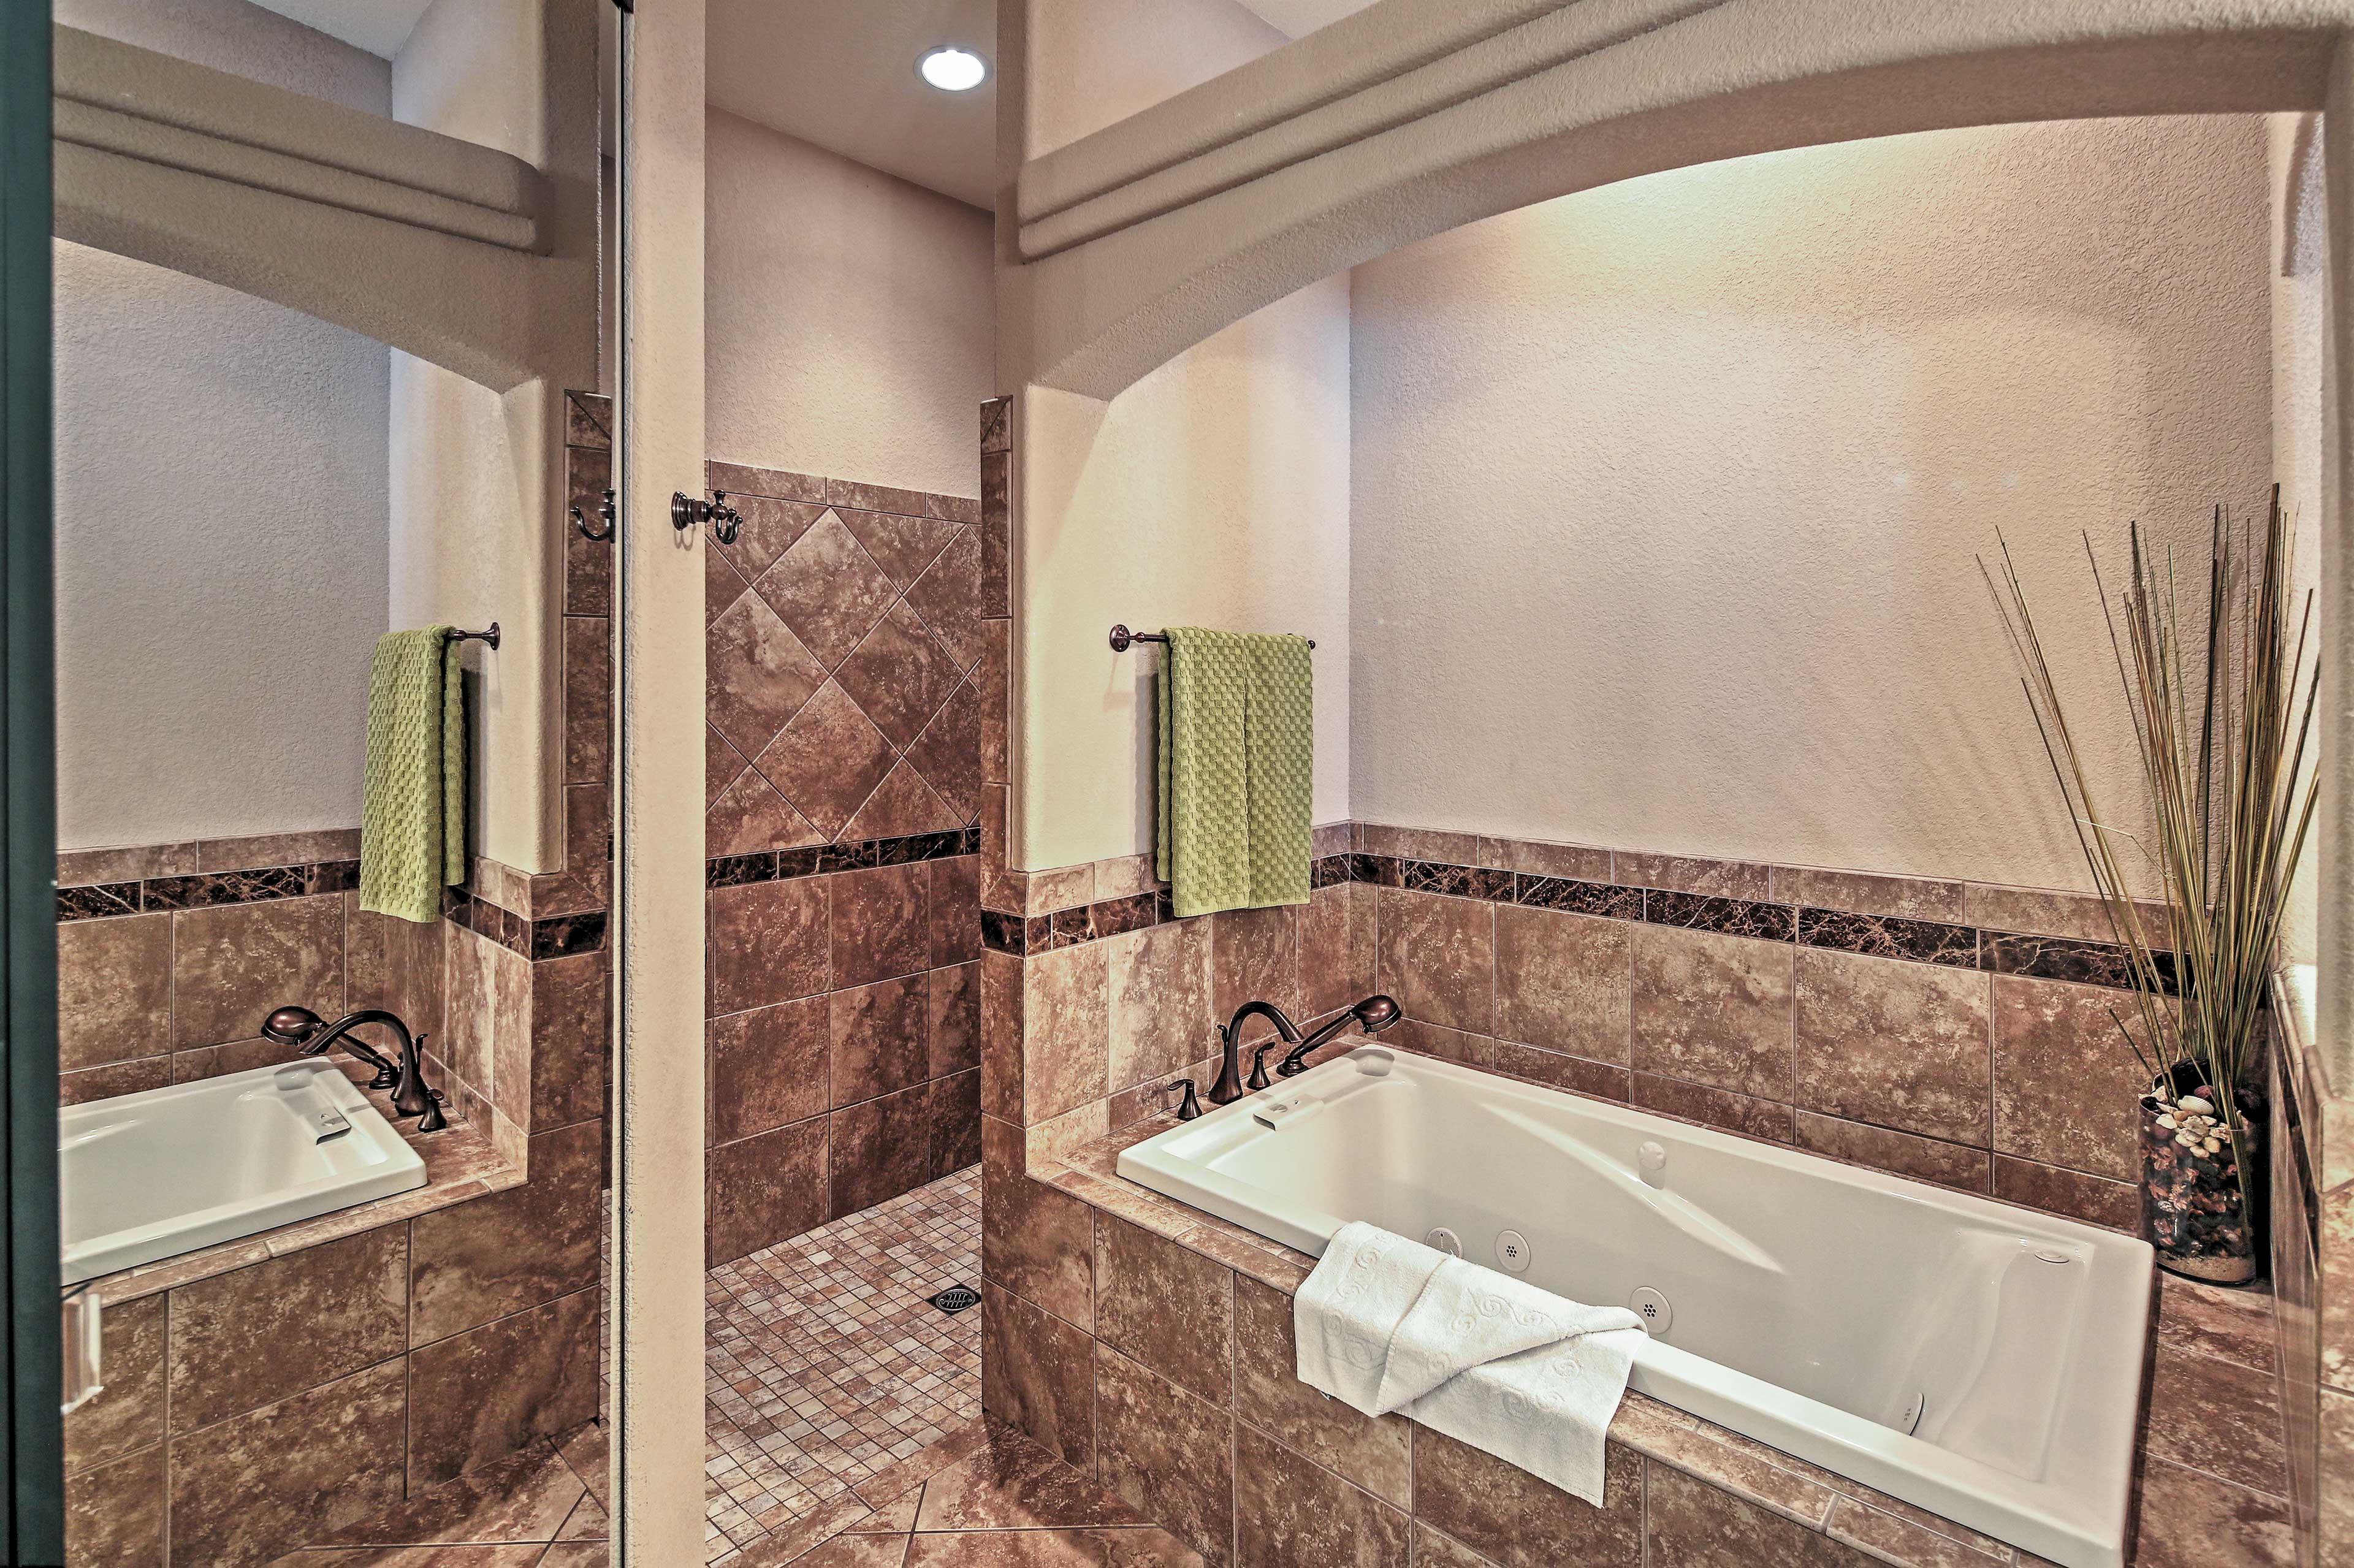 En-Suite Bathroom   Jetted Tub   Walk-In Shower